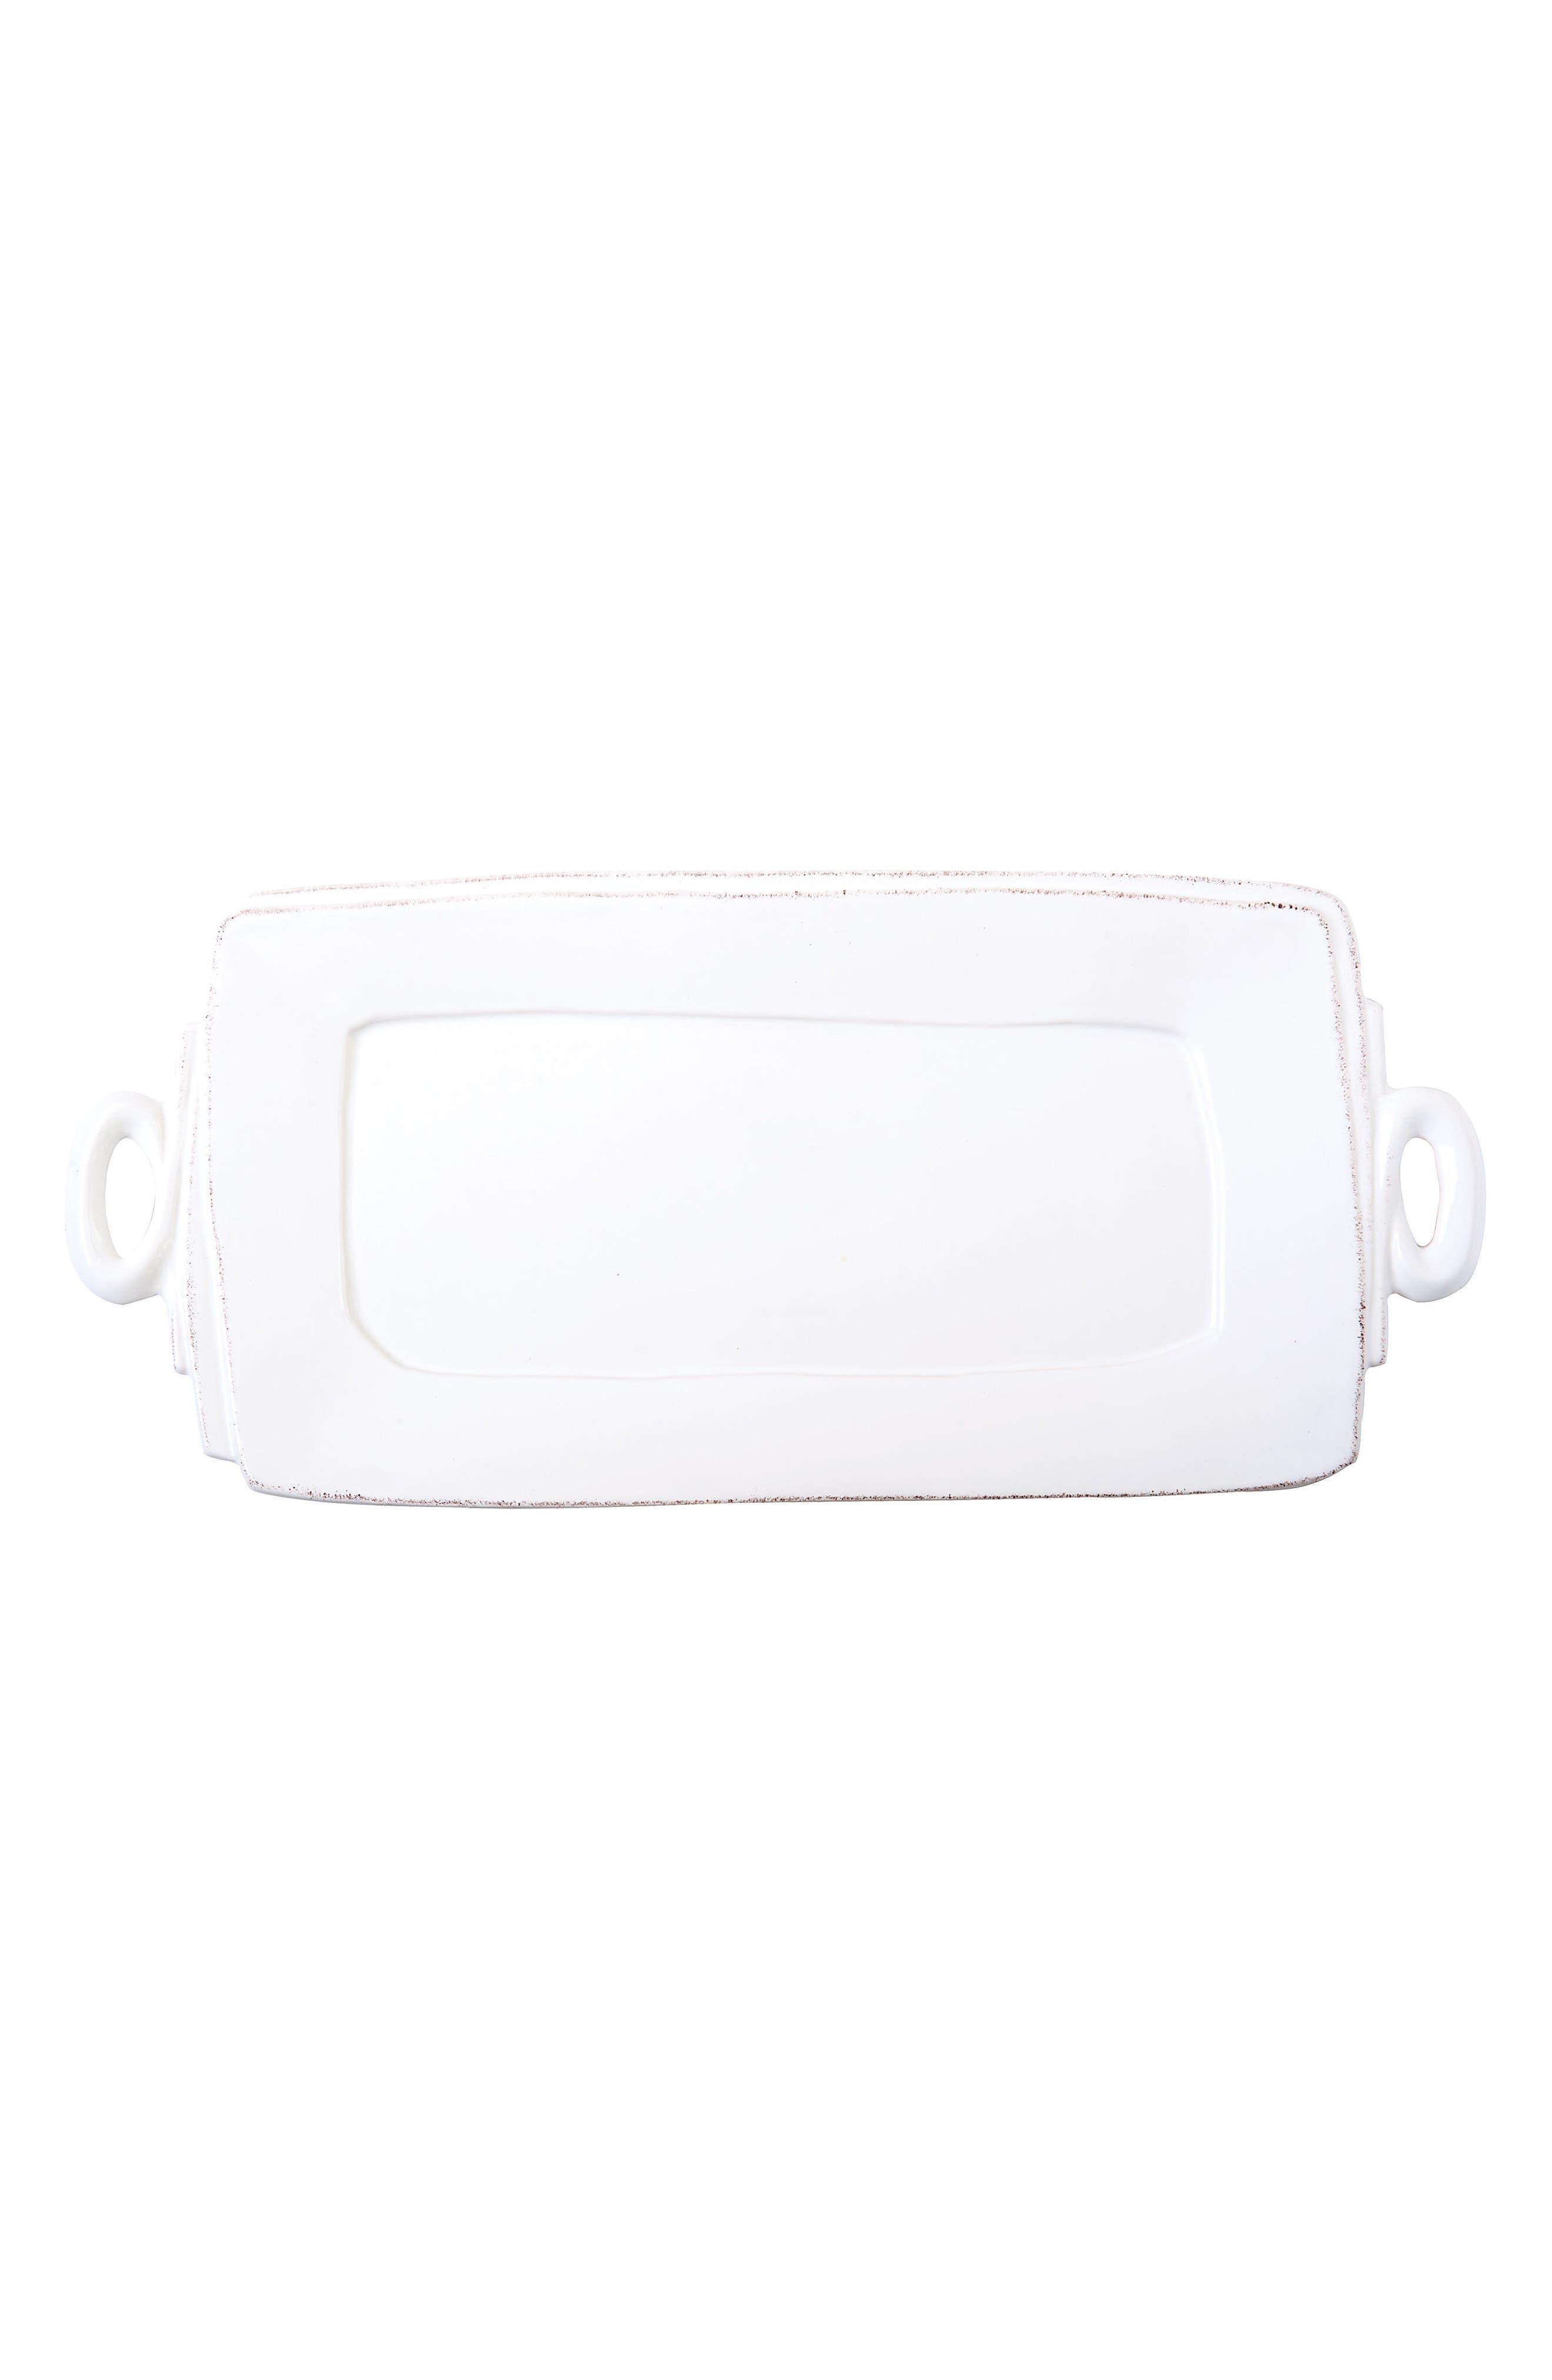 Lastra Handled Rectangular Platter,                             Main thumbnail 1, color,                             White